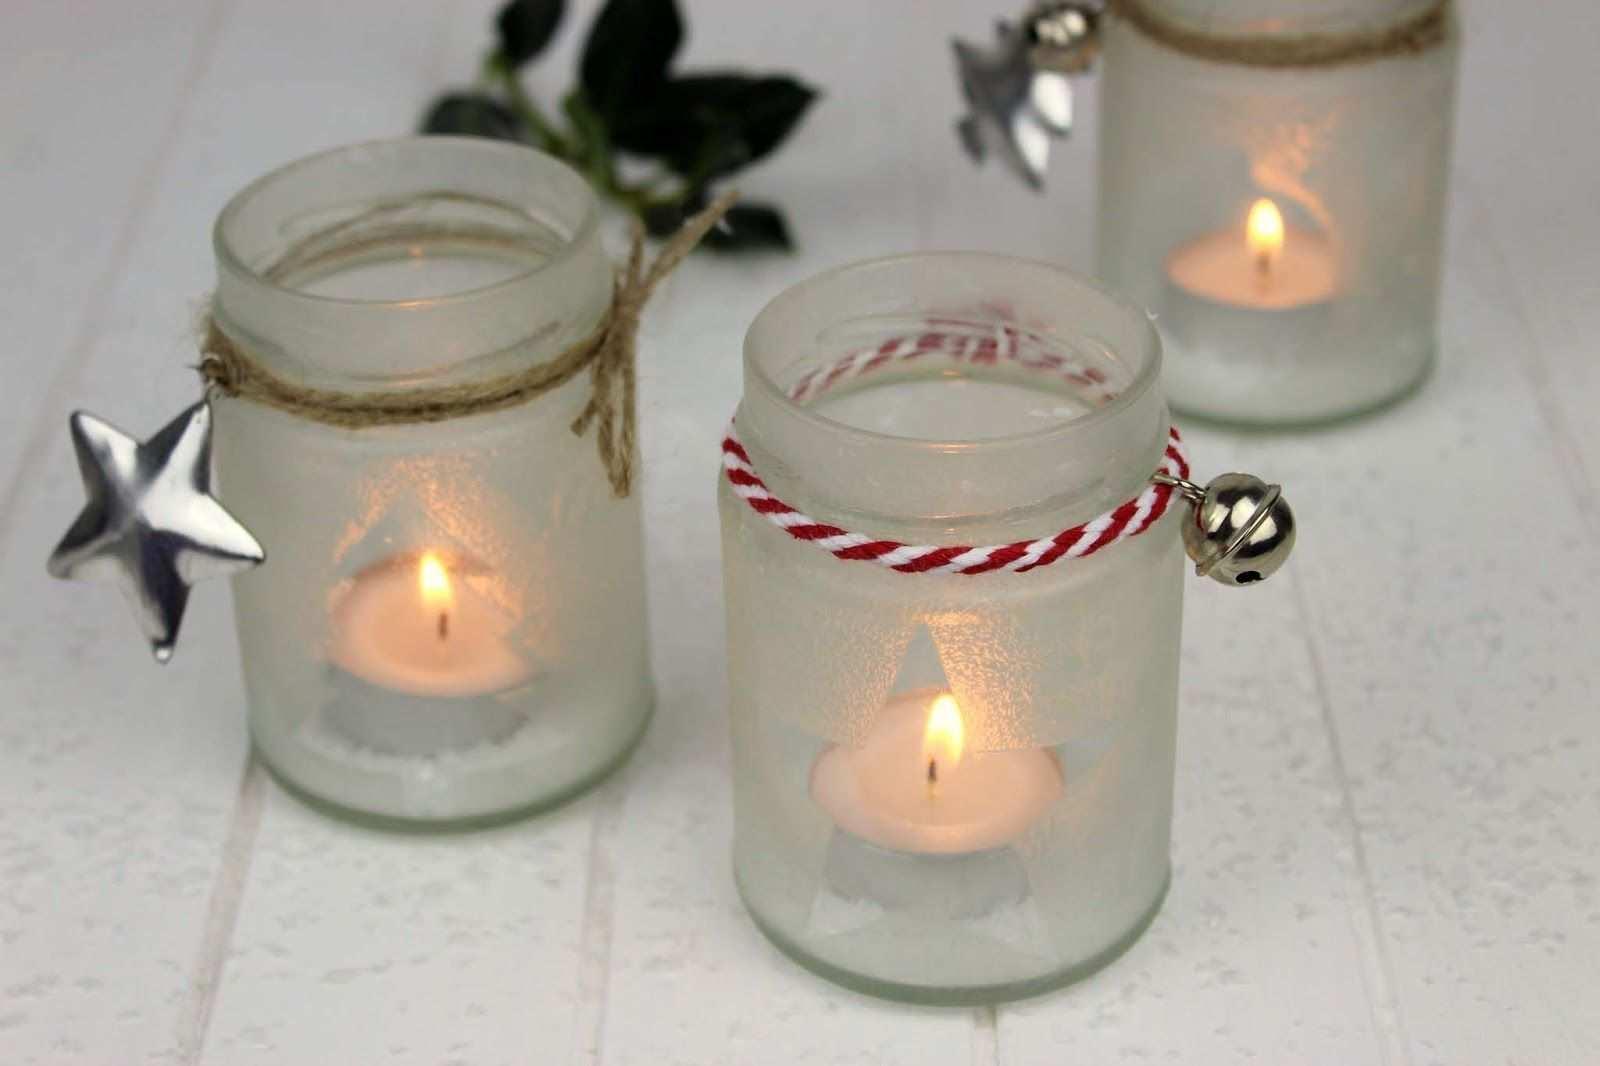 Diy Eisblumen Windlichter Ganz Einfach Aus Konfiturenglasern Basteln In 2020 Diy Advent Calendar Beautiful Christmas Decorations Christmas Cards Handmade